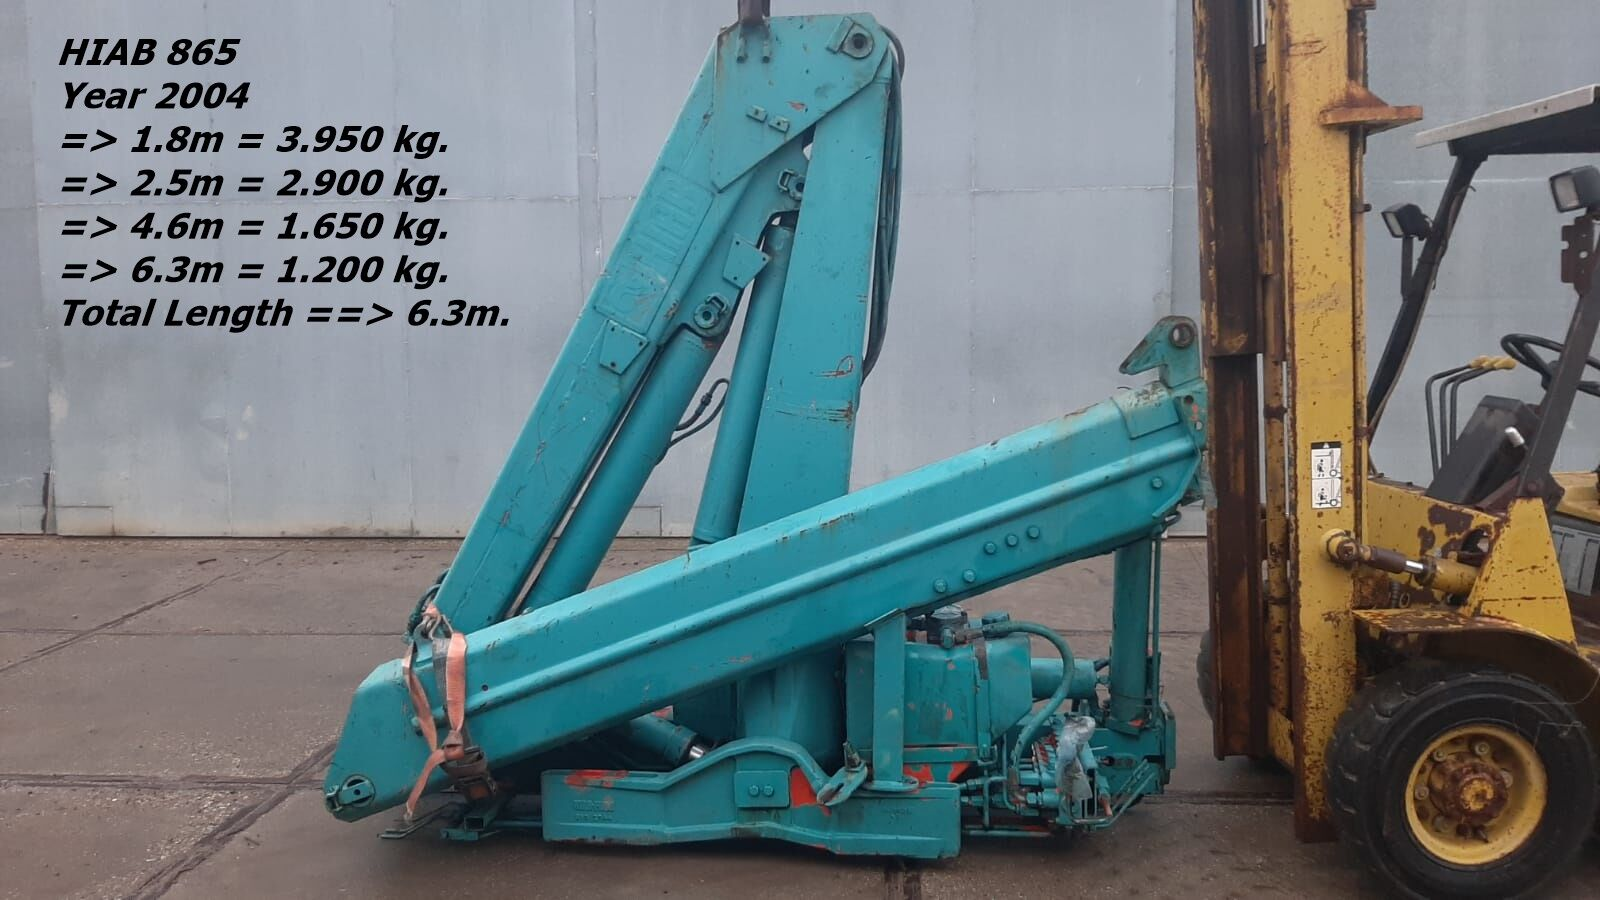 HIAB HIAB 865 => 1 x Hydraulisch loader crane